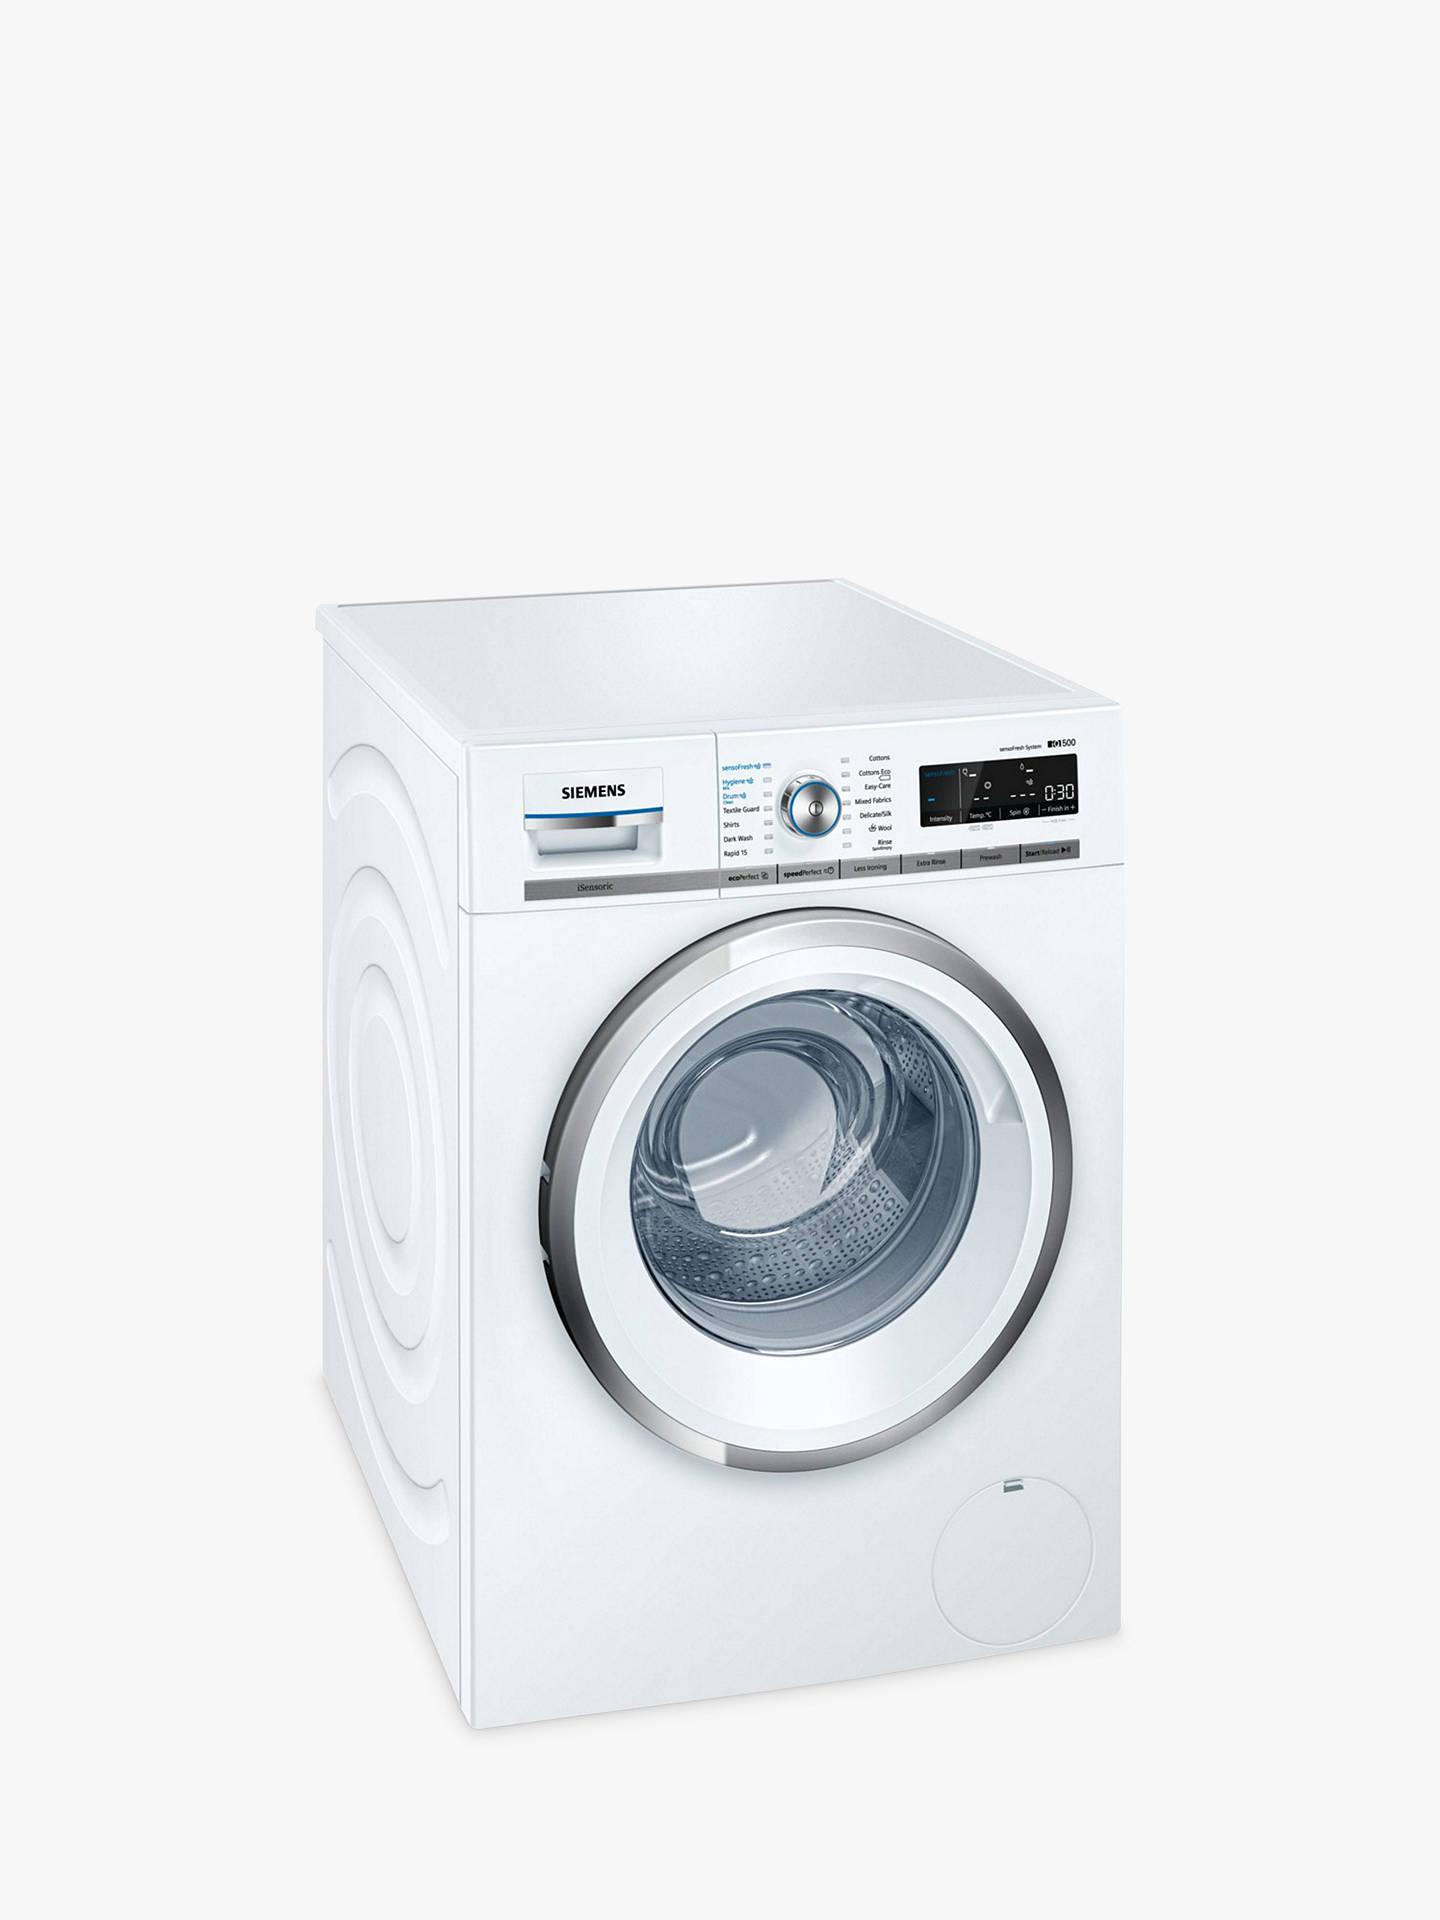 Where To Buy Siemens Washing Machine